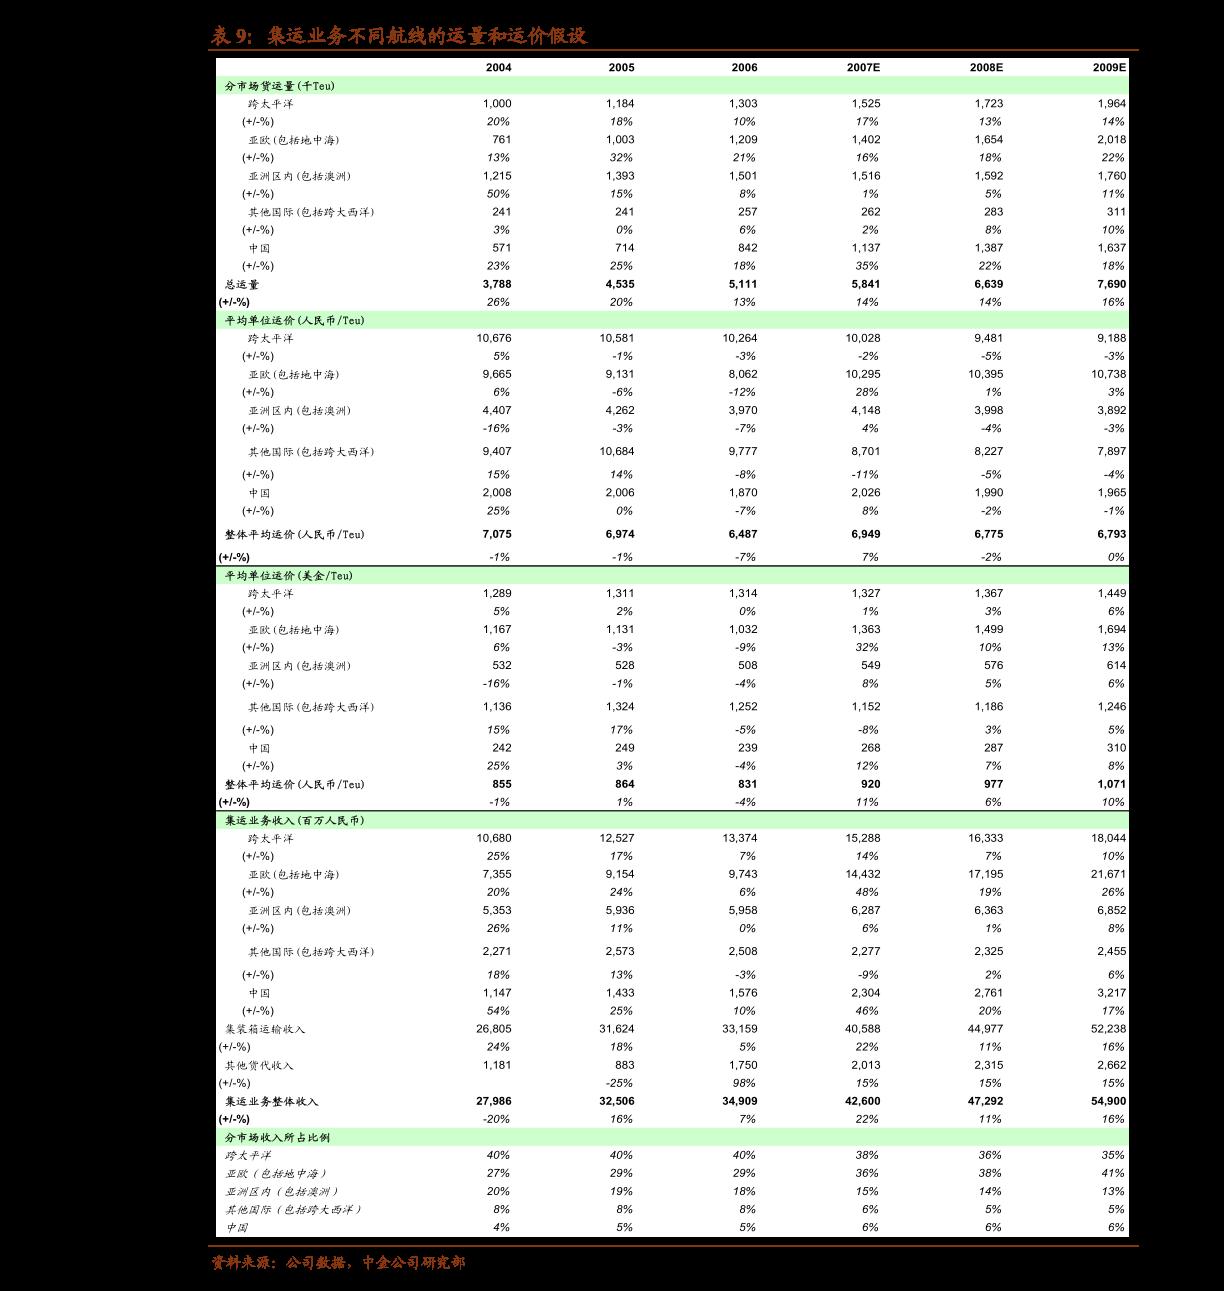 华泰雷火电竞平台-TCL科技-000100-20年净利超预期,逐步丰富IT布局-210112